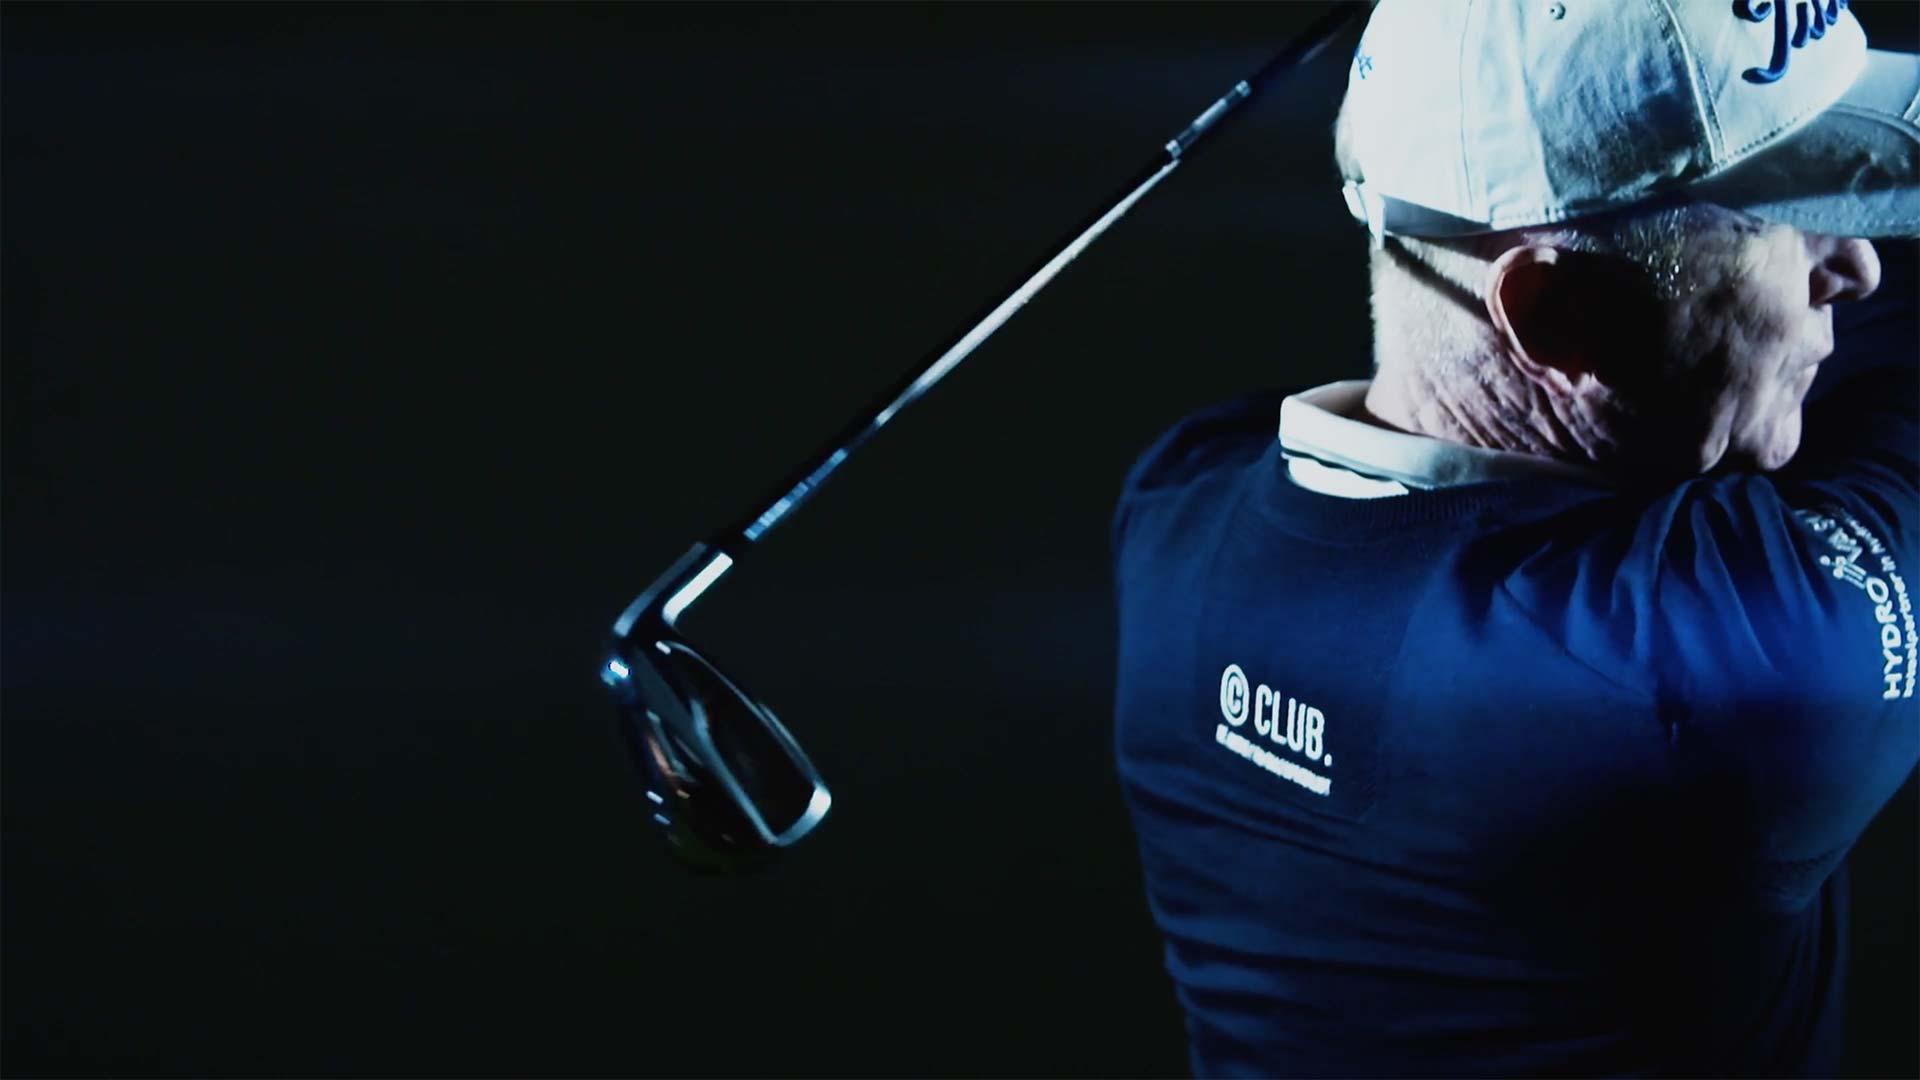 721deeef8a0 Club Dé Hockey en Golfspecialist is dé locatie voor al uw golf- en  hockeymaterialen. Een zeer uitgebreide collectie opgebouwd uit diverse  toonaangevende ...